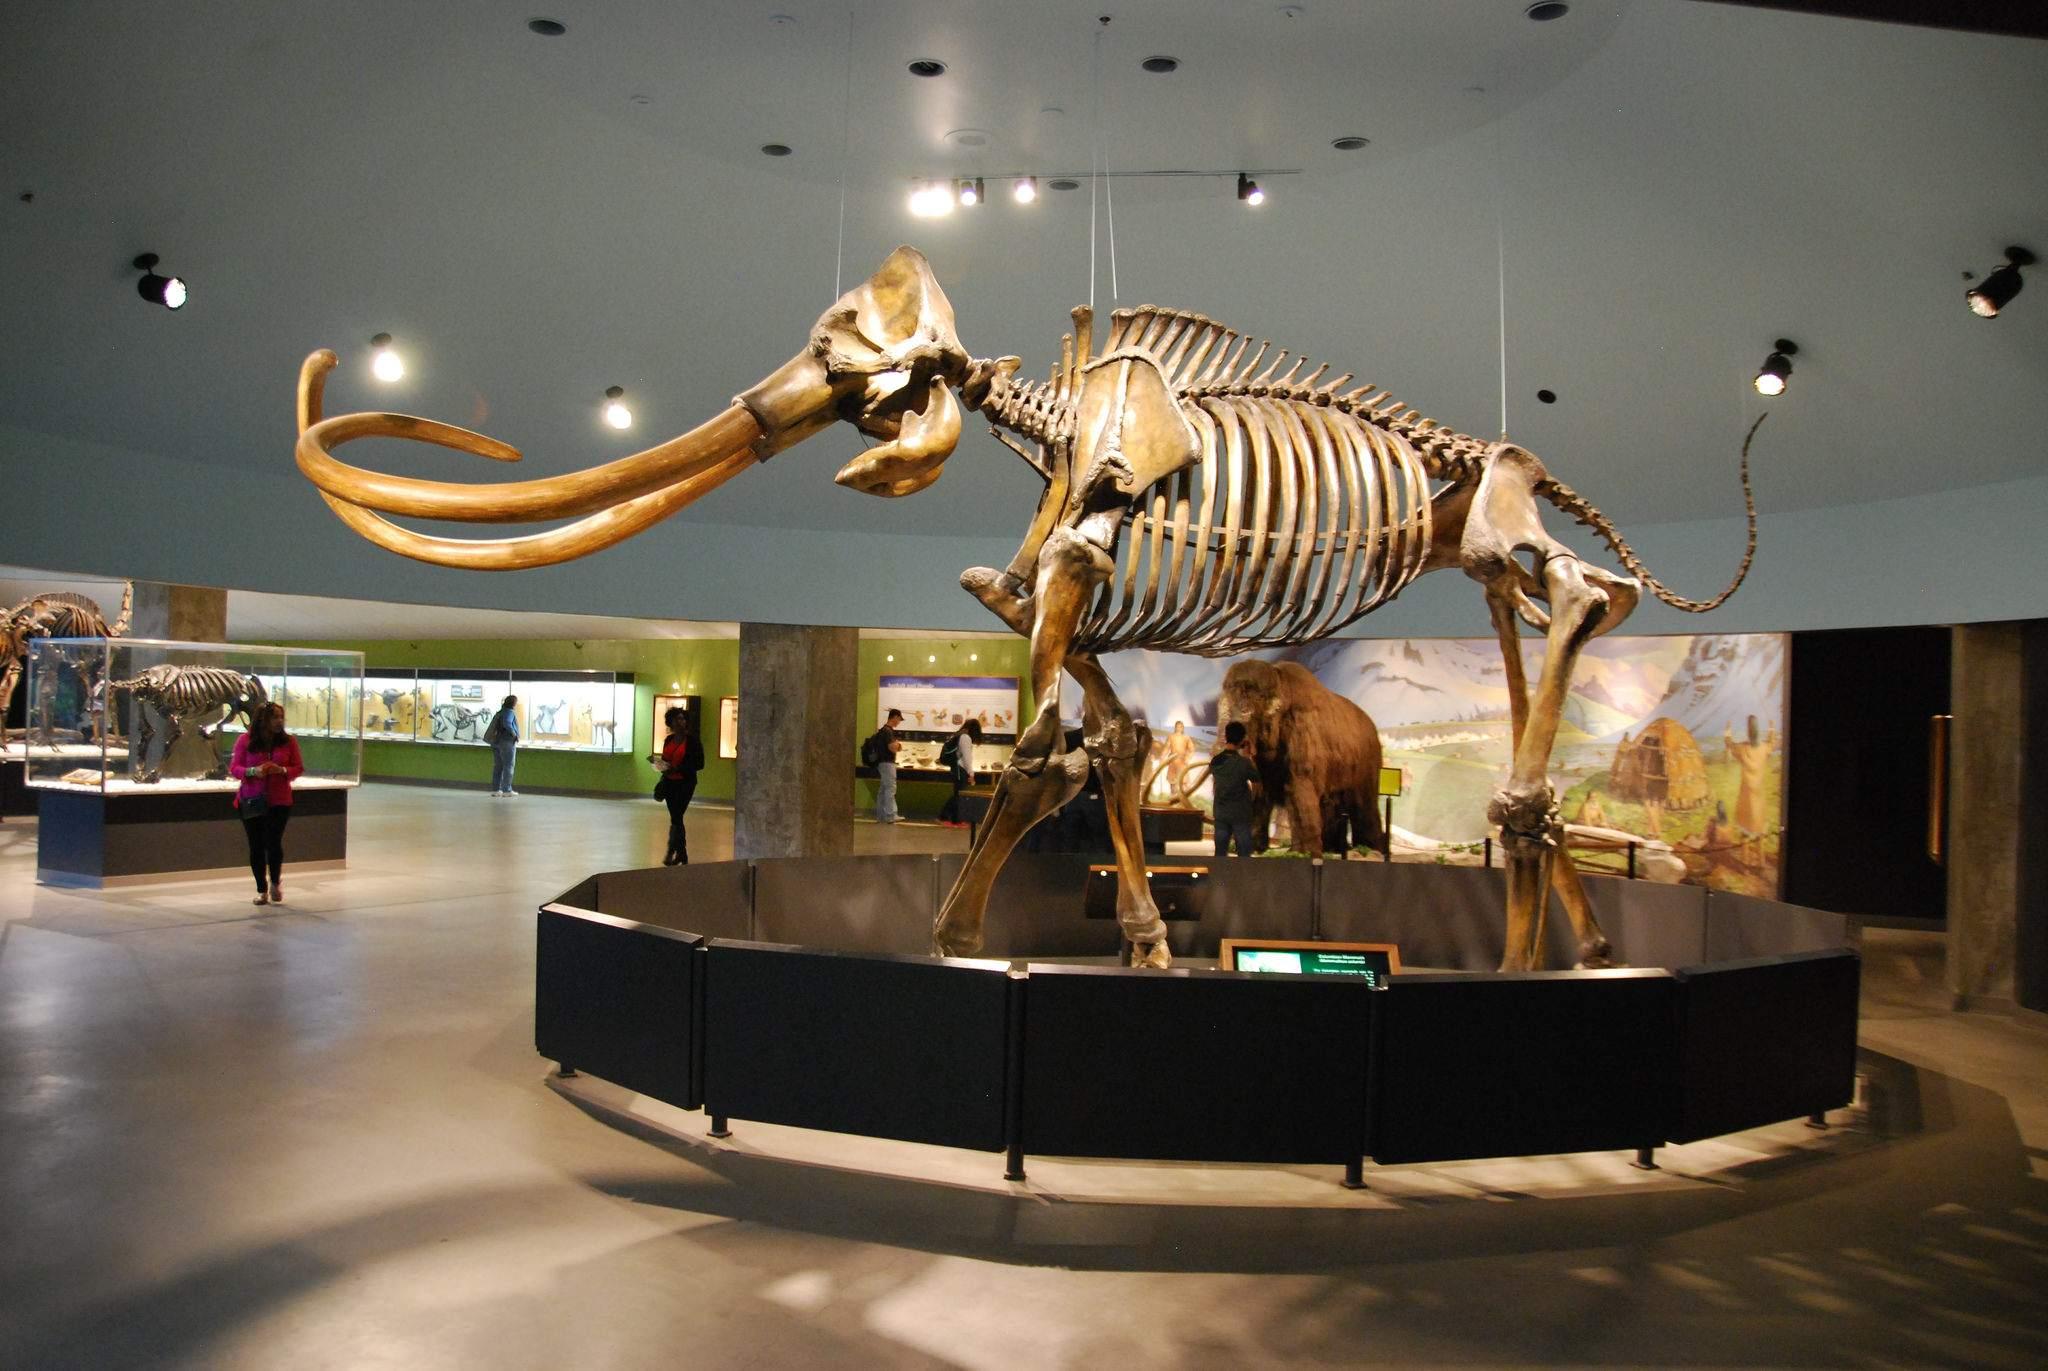 la brea tar pits La Brea Tar Pits and Museum in LA